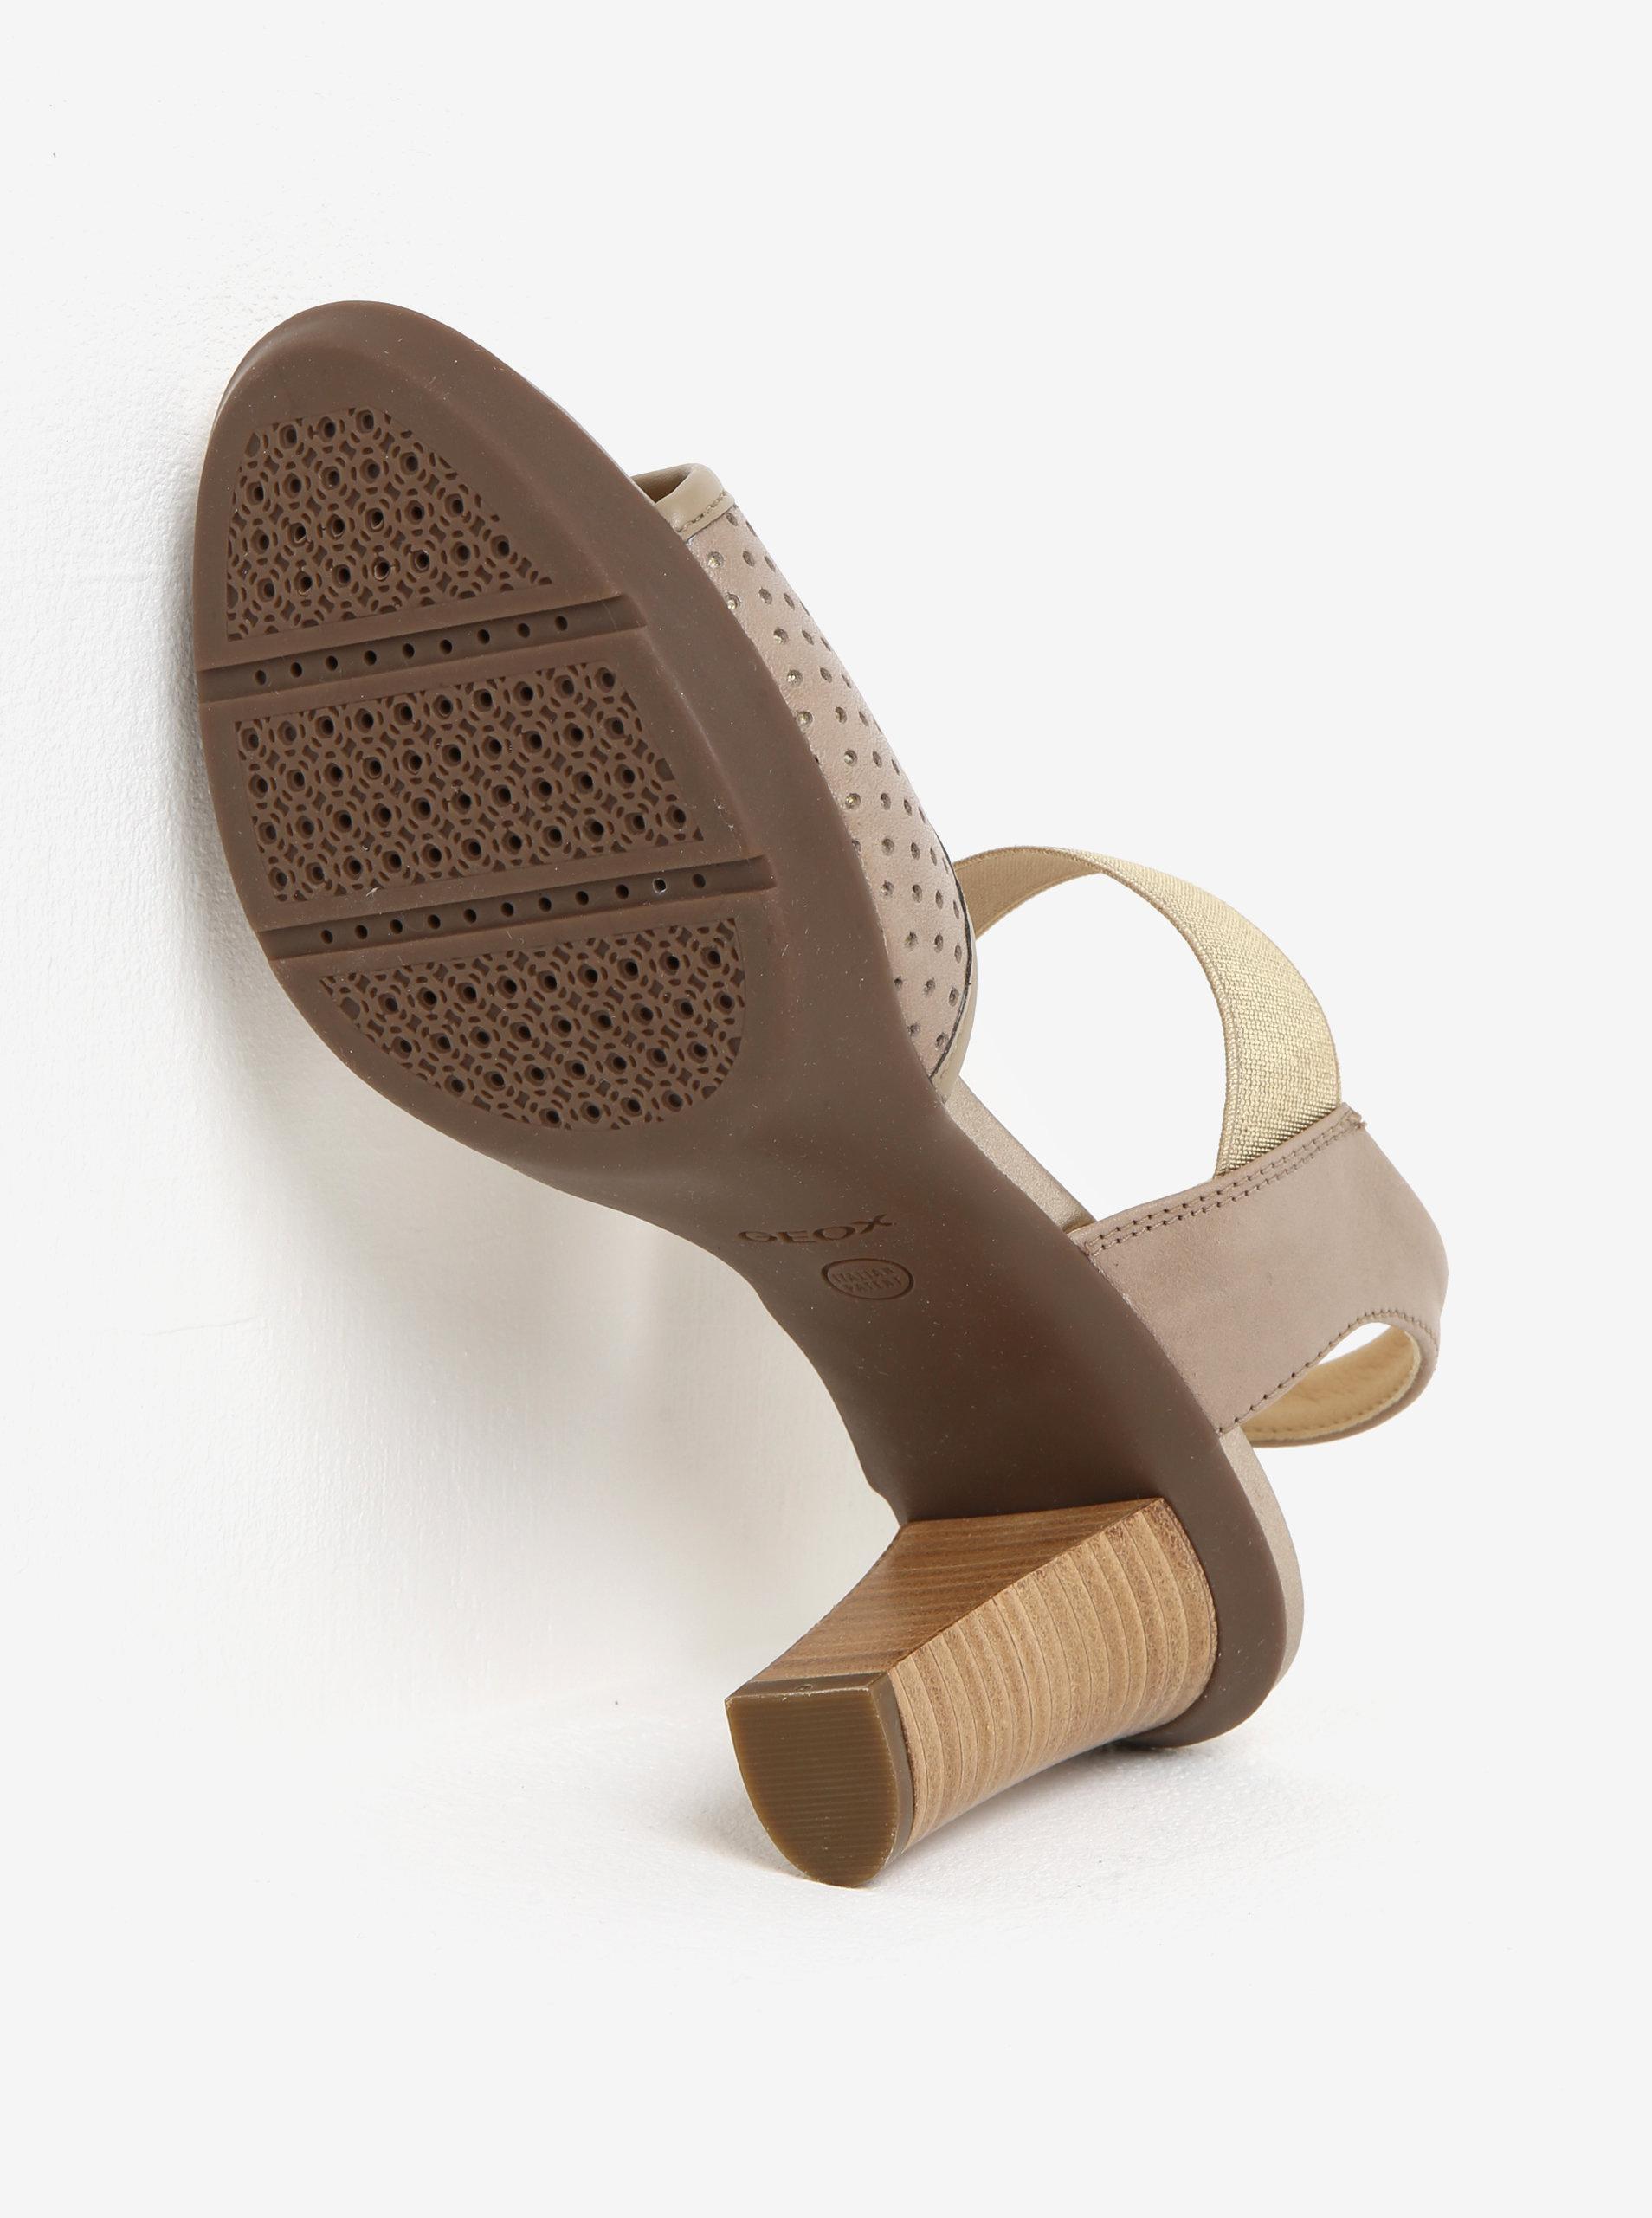 1b2fe2660591 Béžové dámske kožené sandále na podpätku Geox Jadalis ...